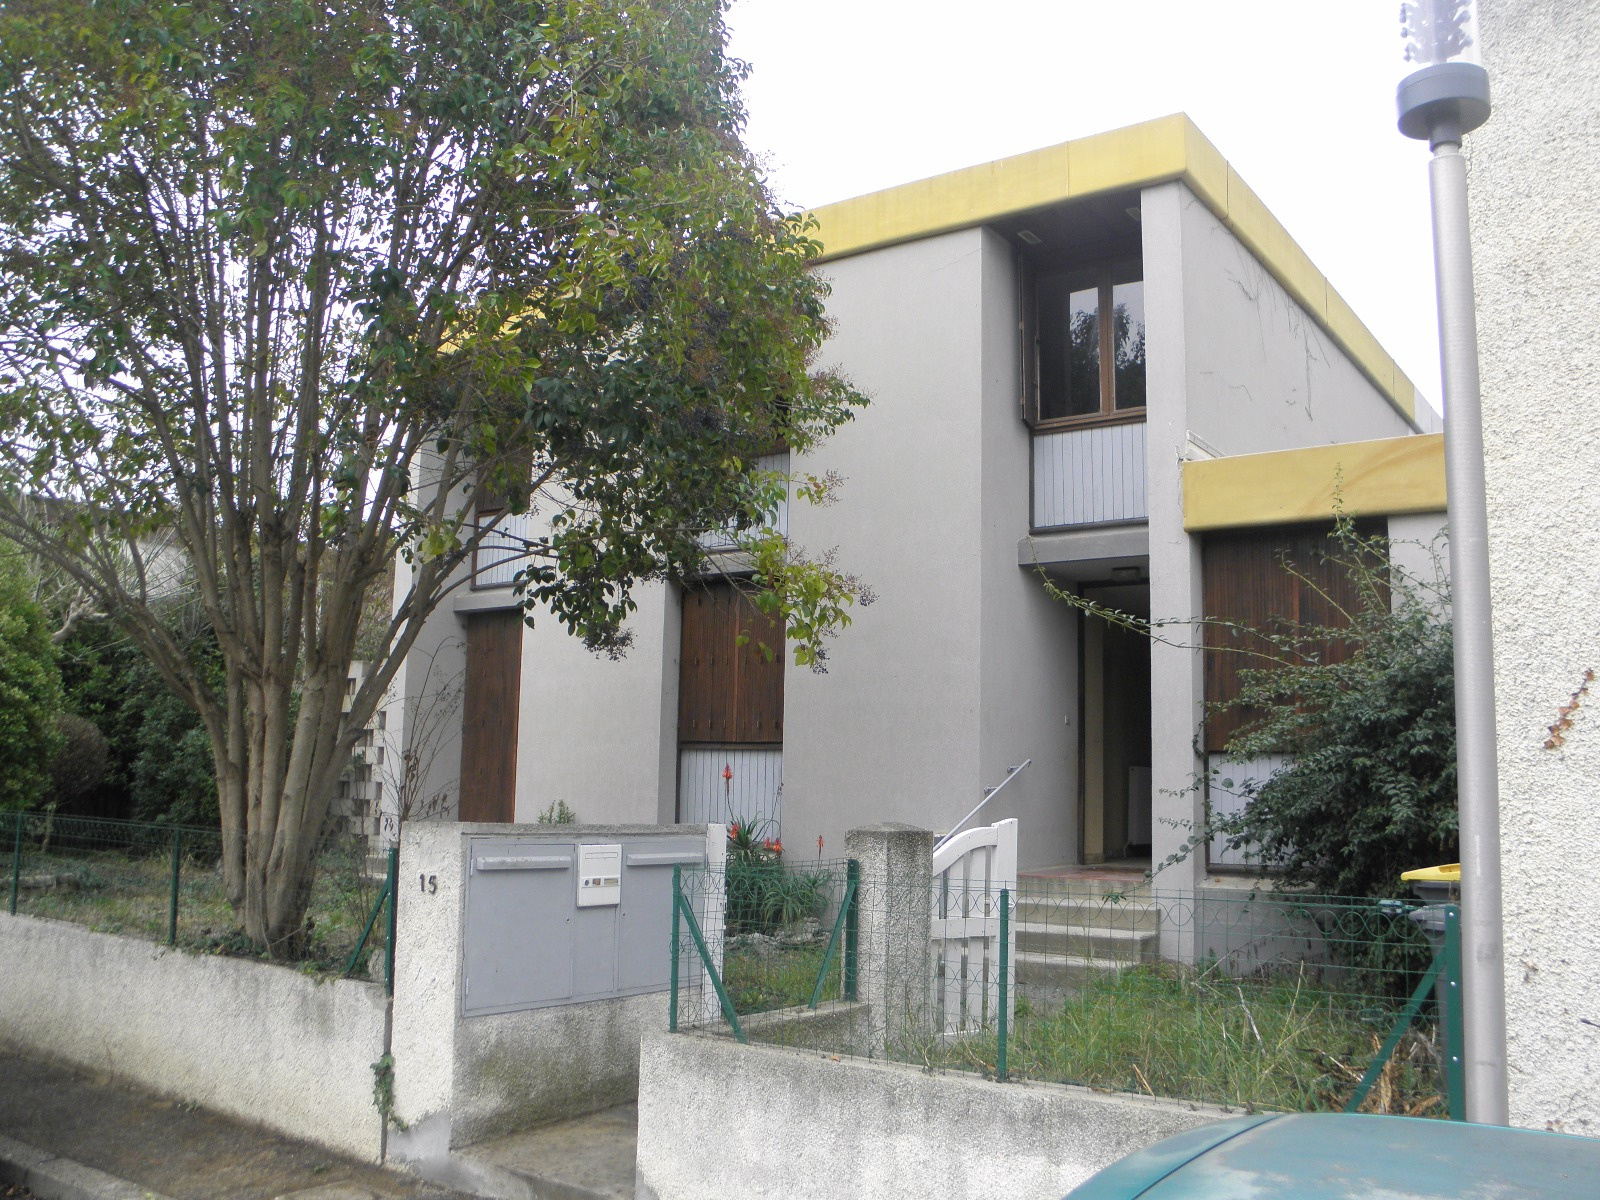 Immobilier beziers location et achat maison et appartement beziers